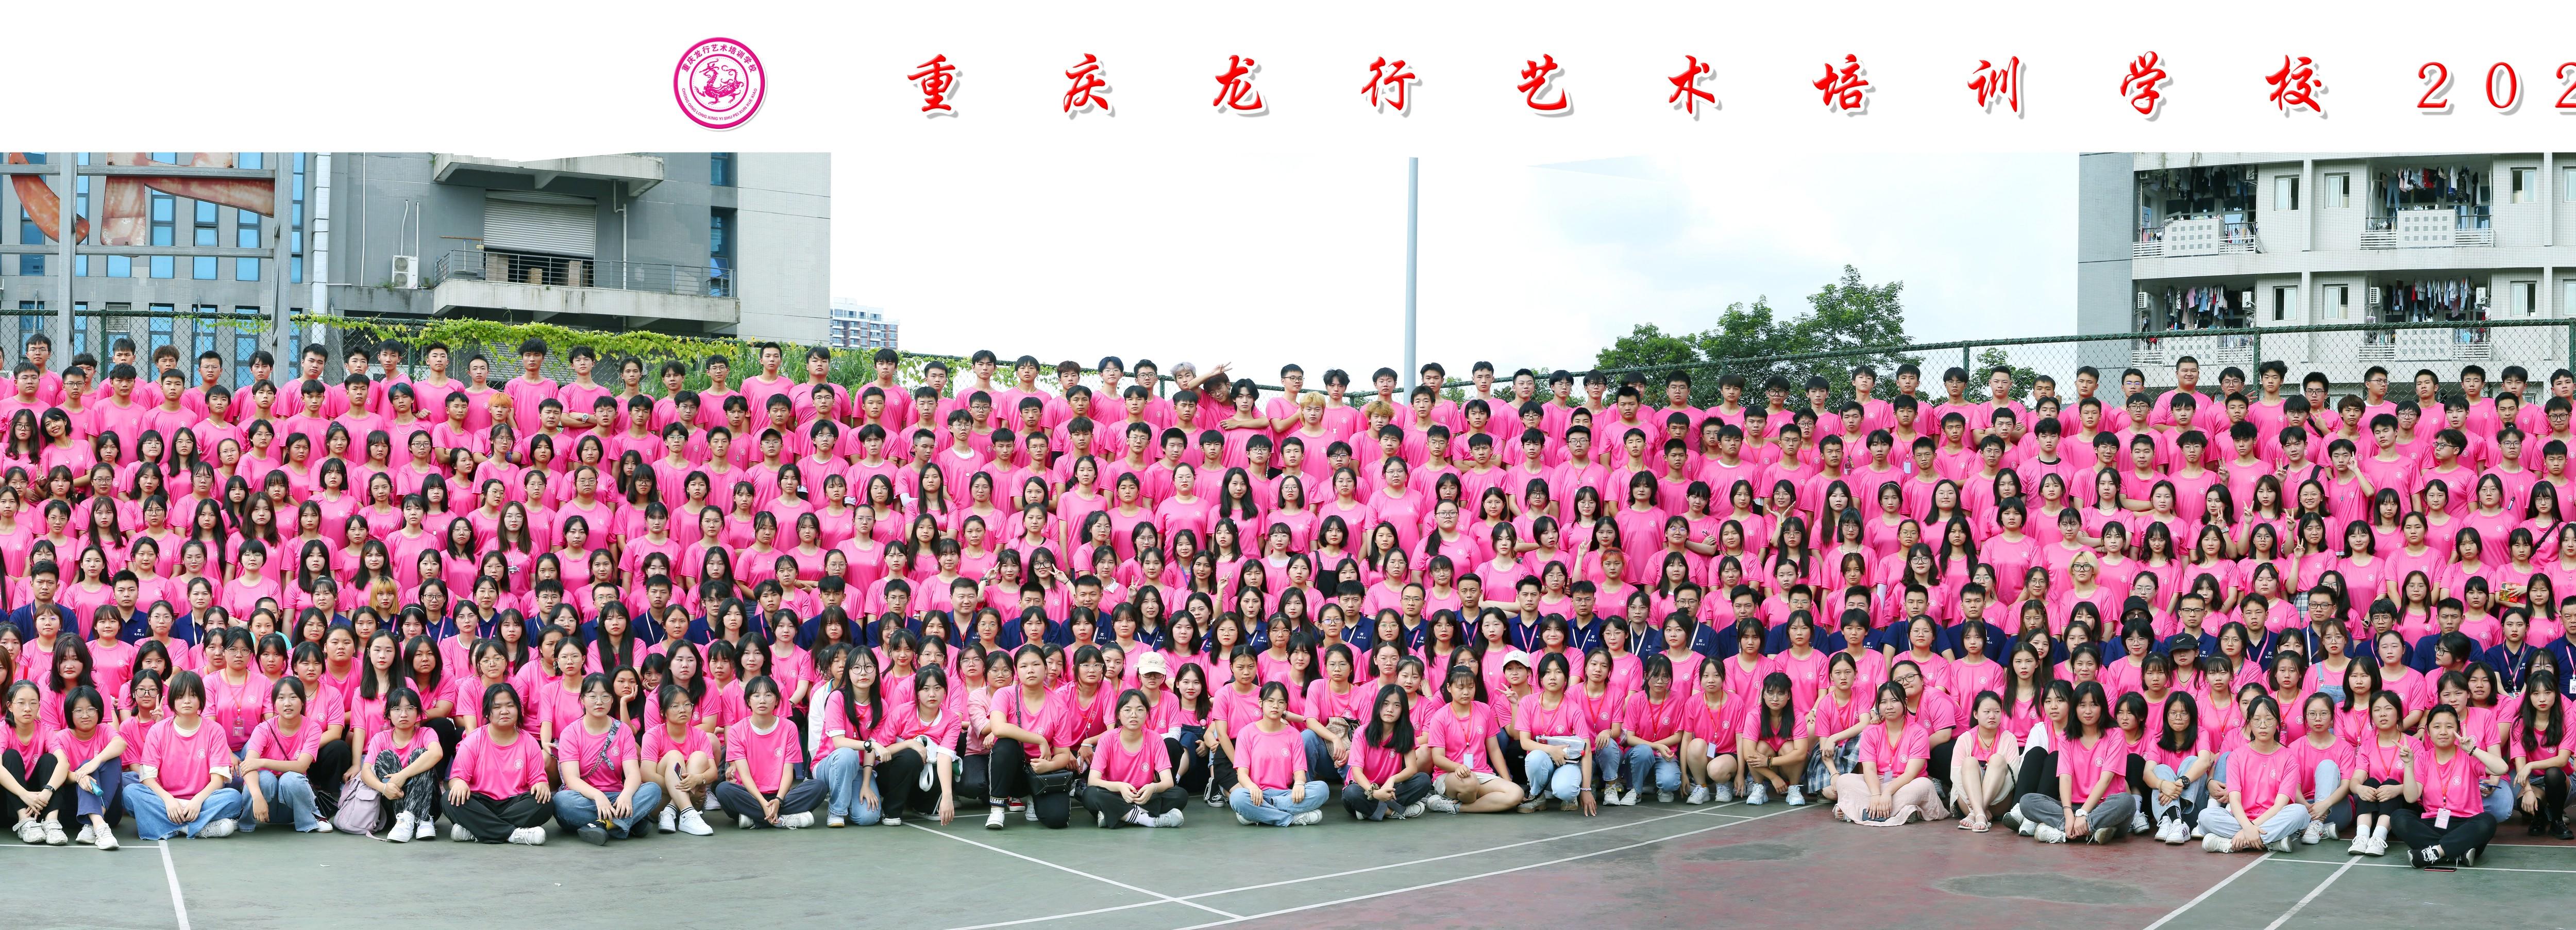 重庆龙行艺术学校2022届师生集体合影